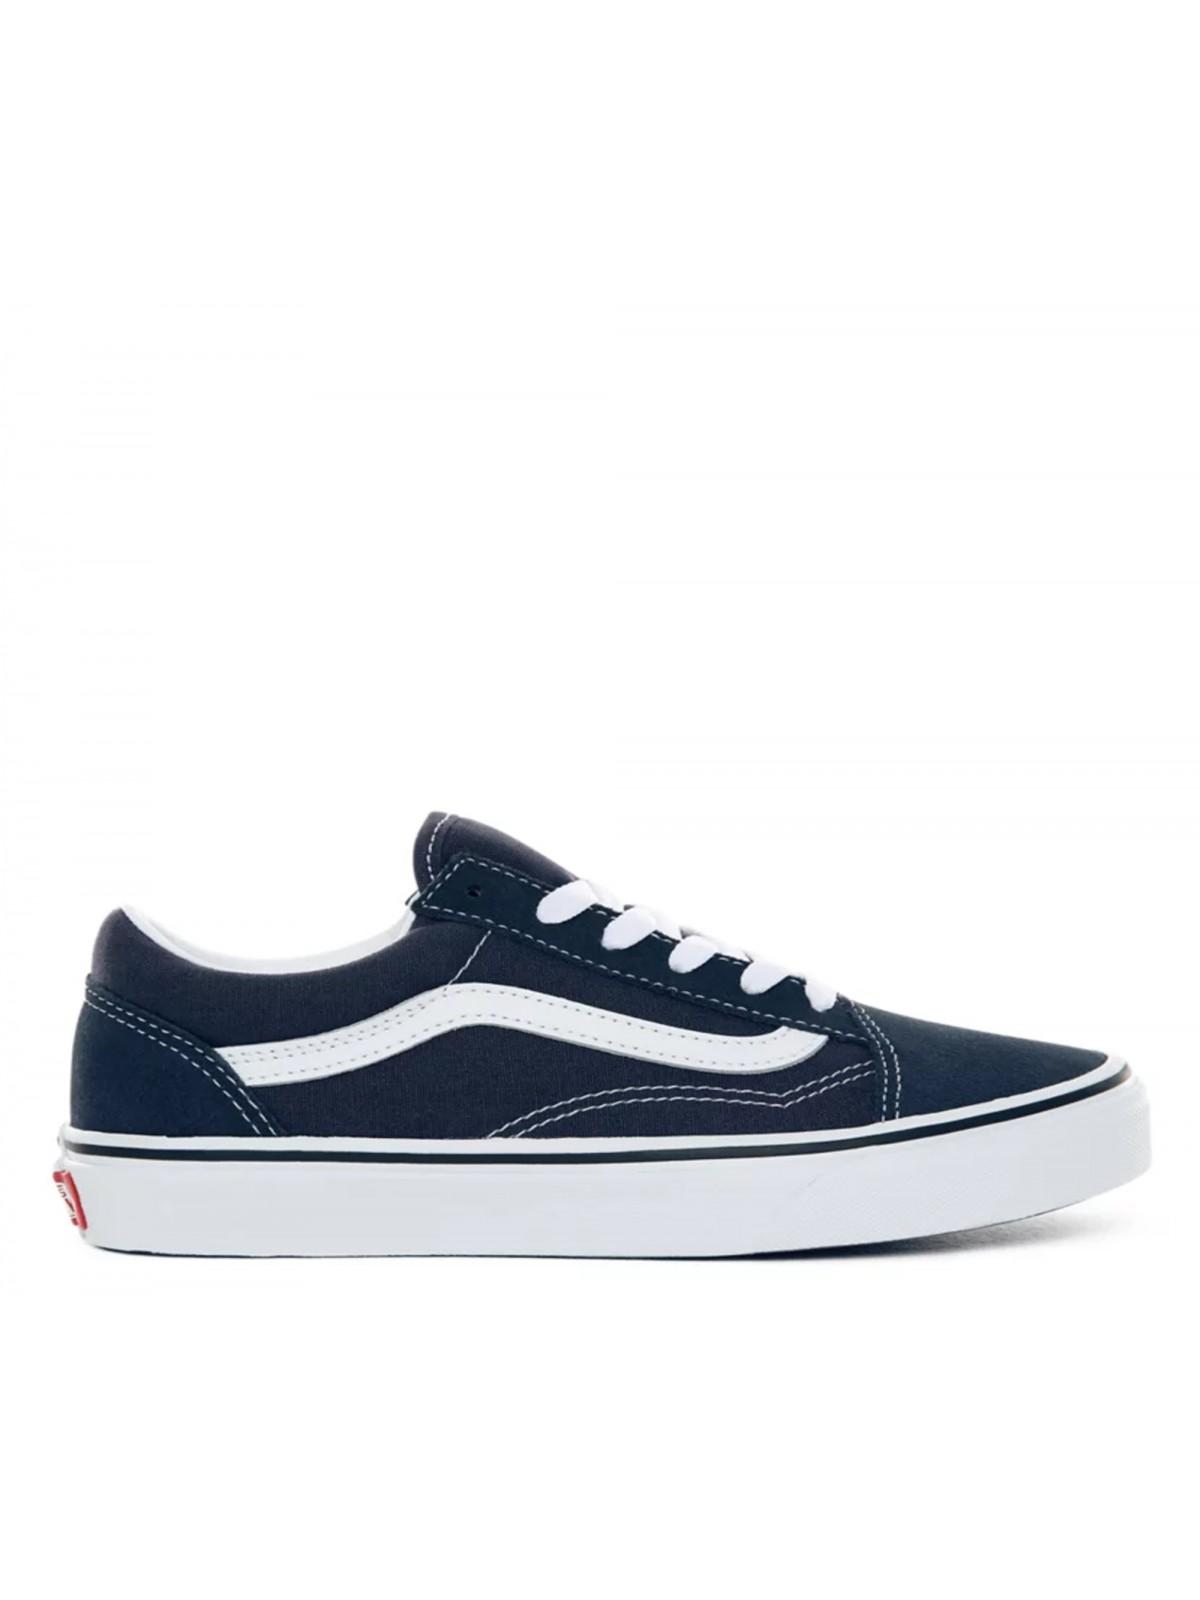 Vans Old Skool blue / india